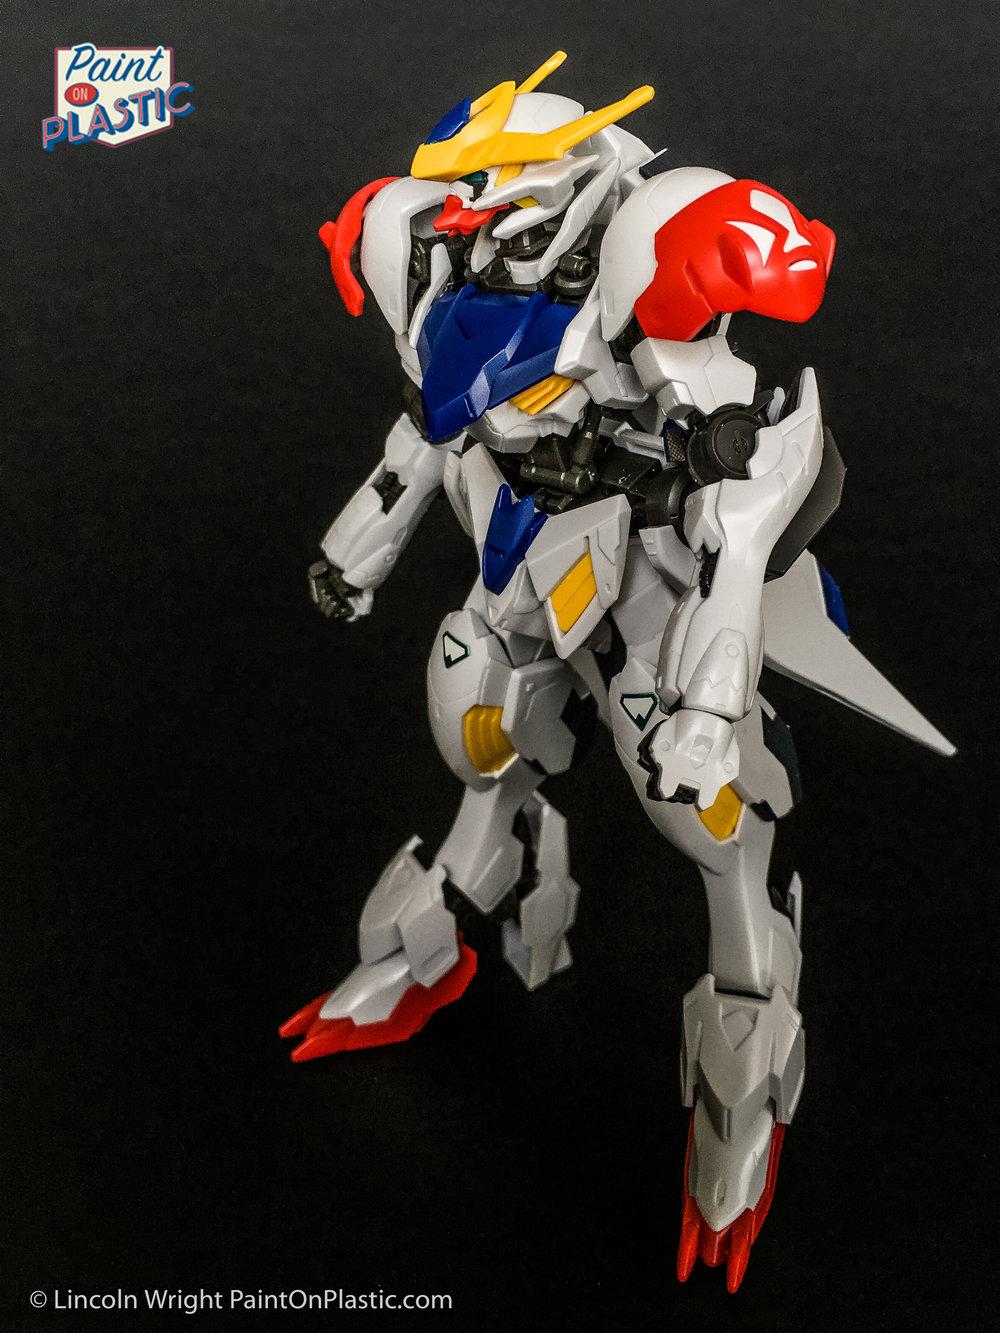 Gundam Barbados Lupus PaintOnPlastic-15.jpg